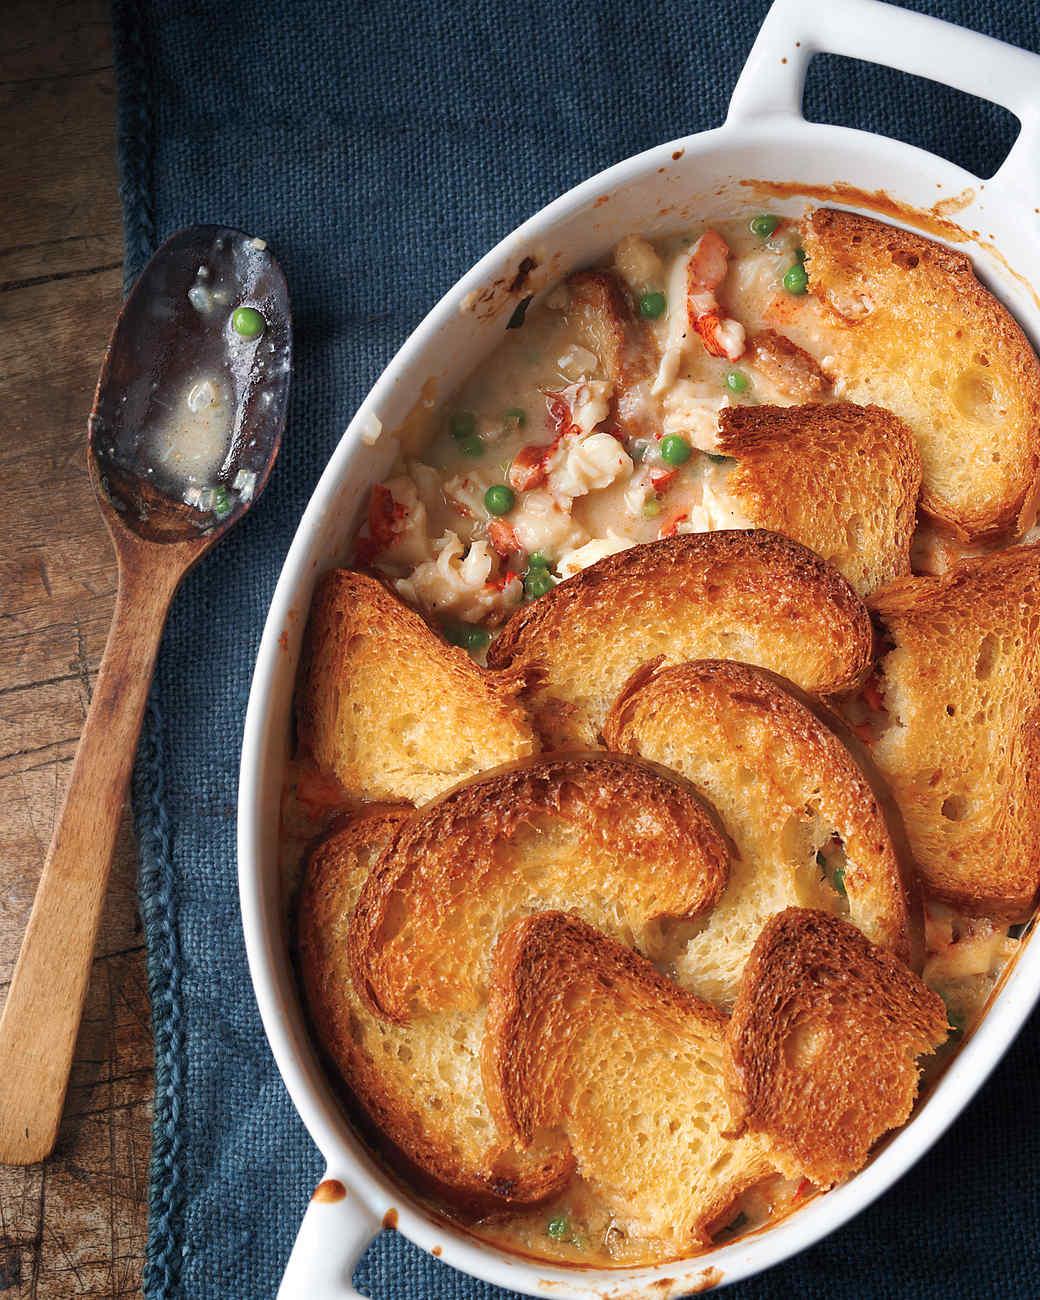 savory-pies-lobster-msl1011mld107671.jpg